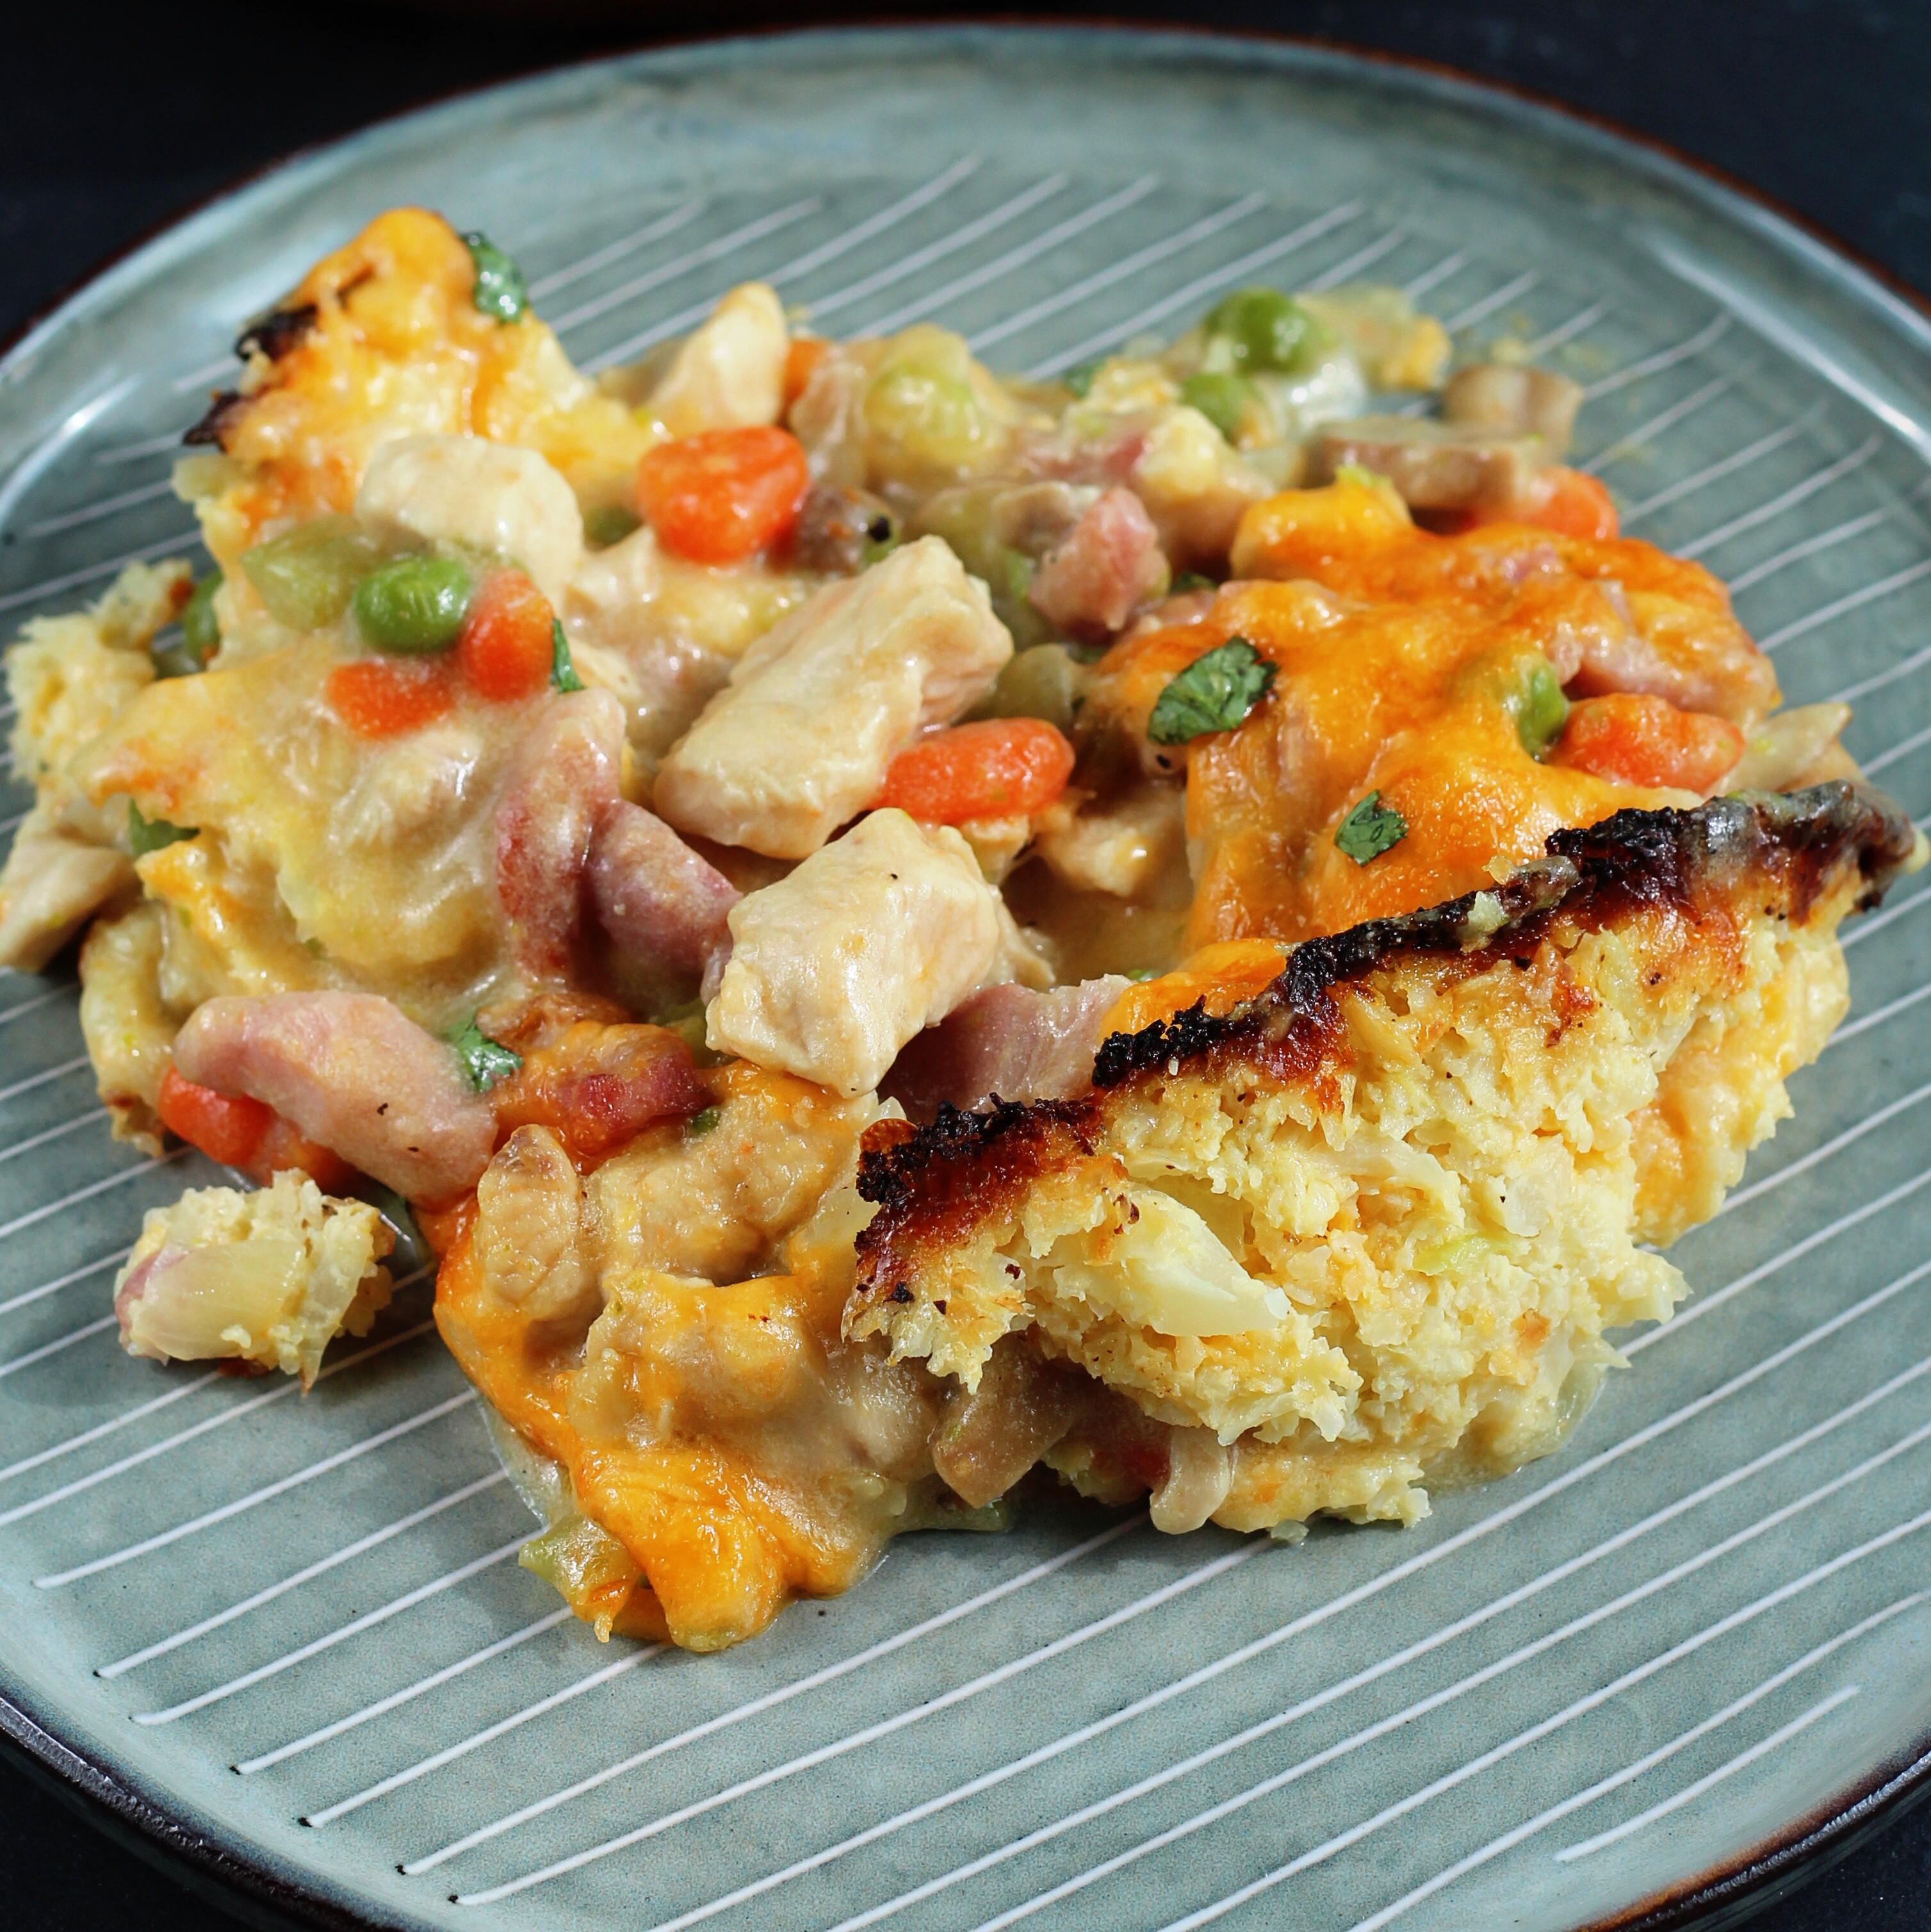 Keto Chicken Breast Pot Pie with Cauliflower Crust